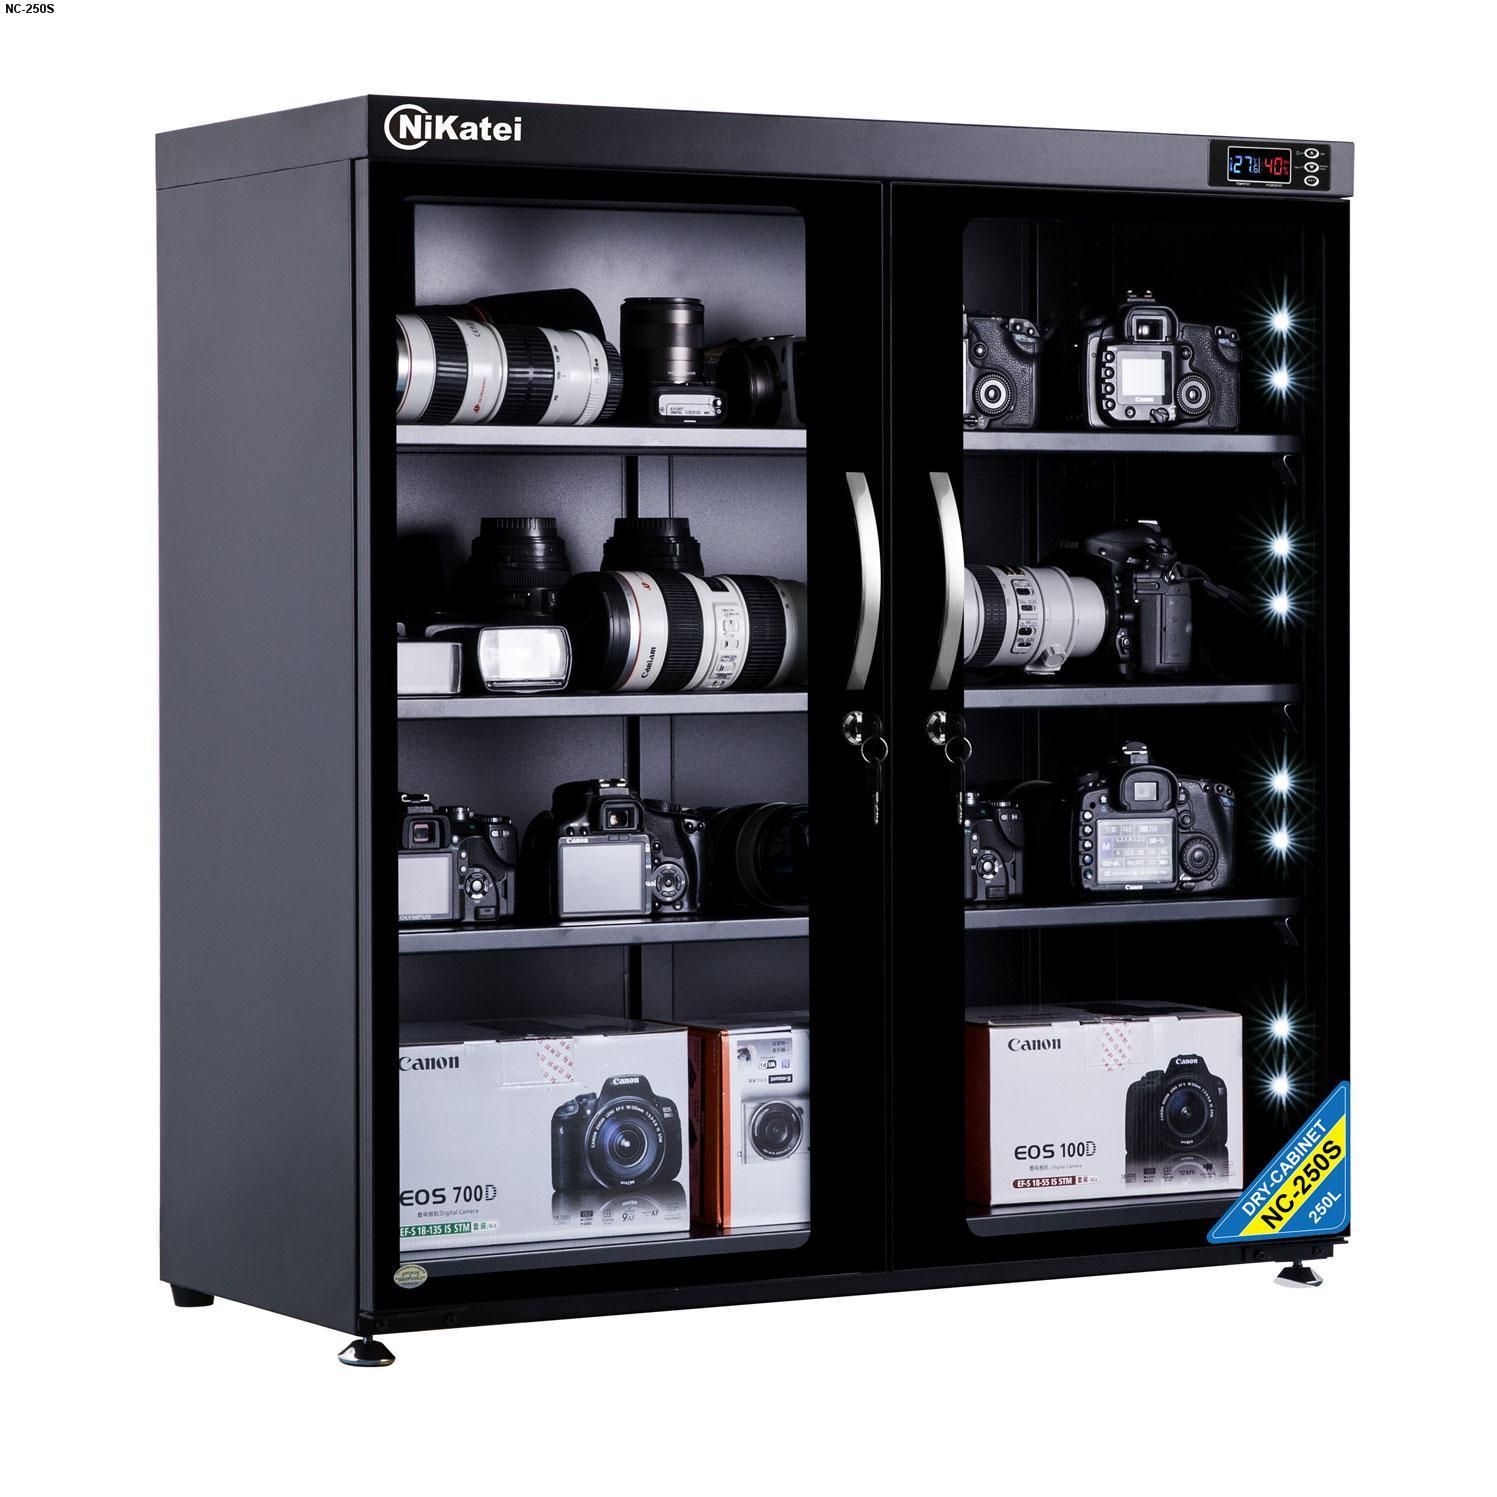 NIKATEI ra mắt loạt tủ chống ẩm mới tại Việt Nam, có hỗ trợ đèn LED